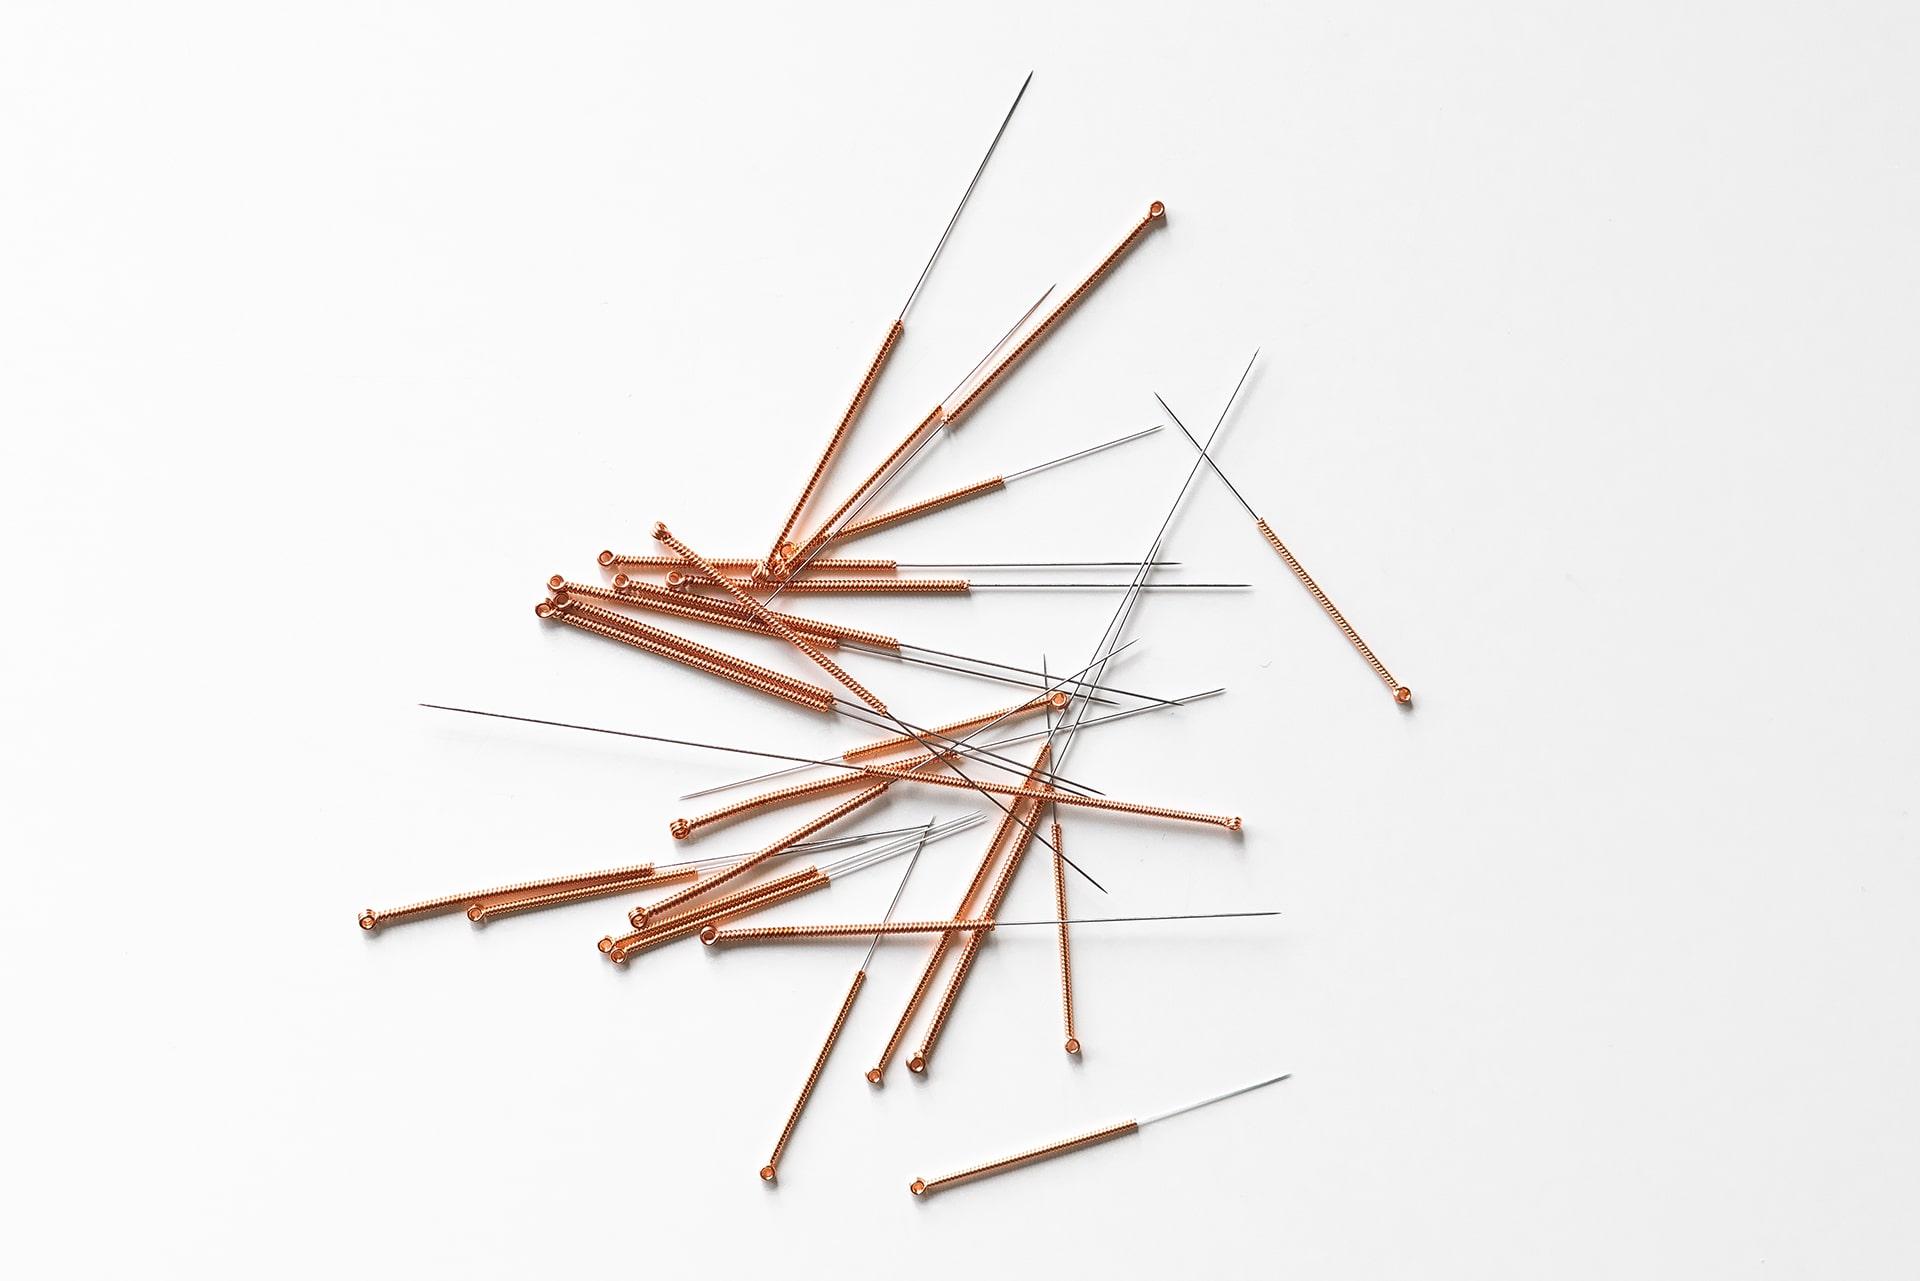 Blog Lifestyle - Ma deuxième expérience avec l'acupuncture - Suivre sa Joie - Saskia Parein